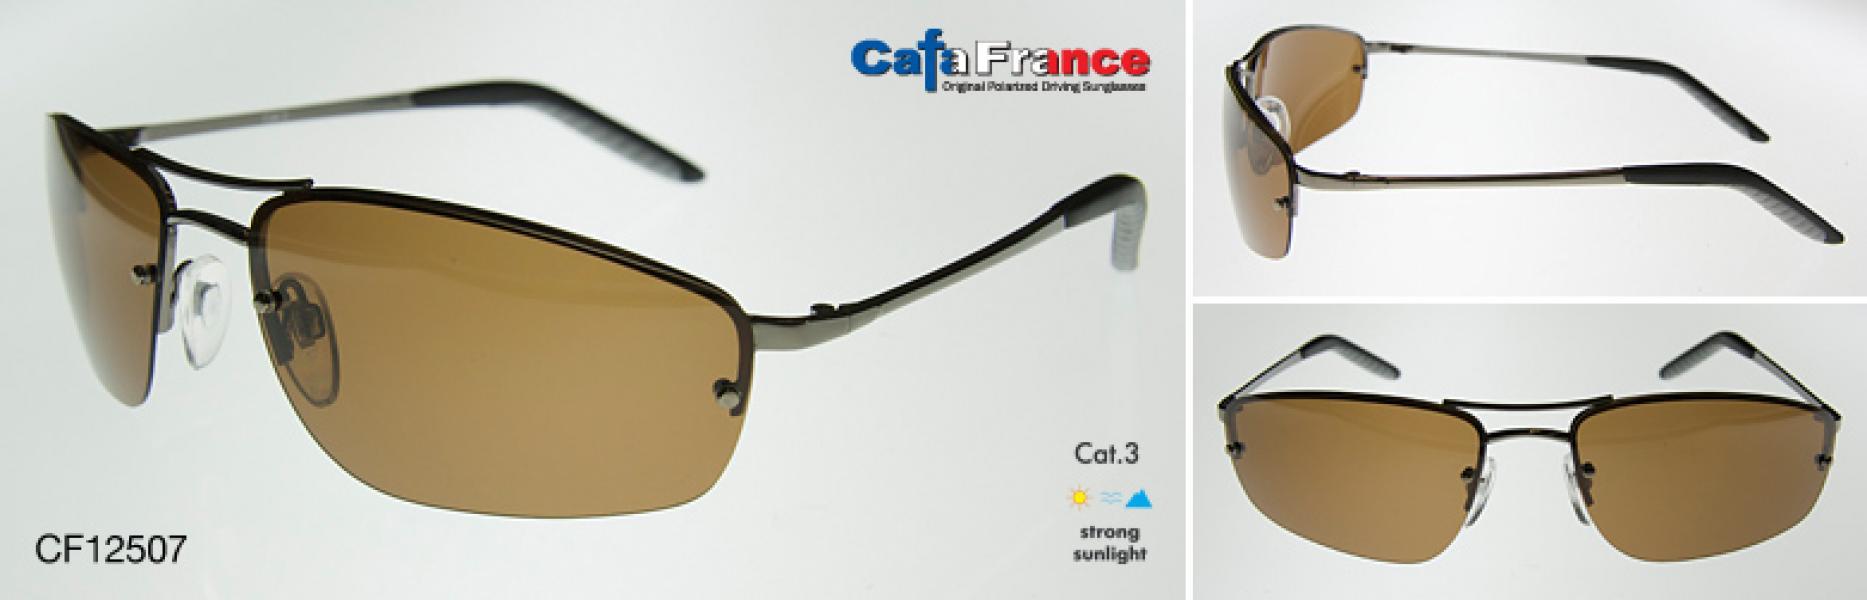 Очки поляризационные мужские Cafa France cf12507